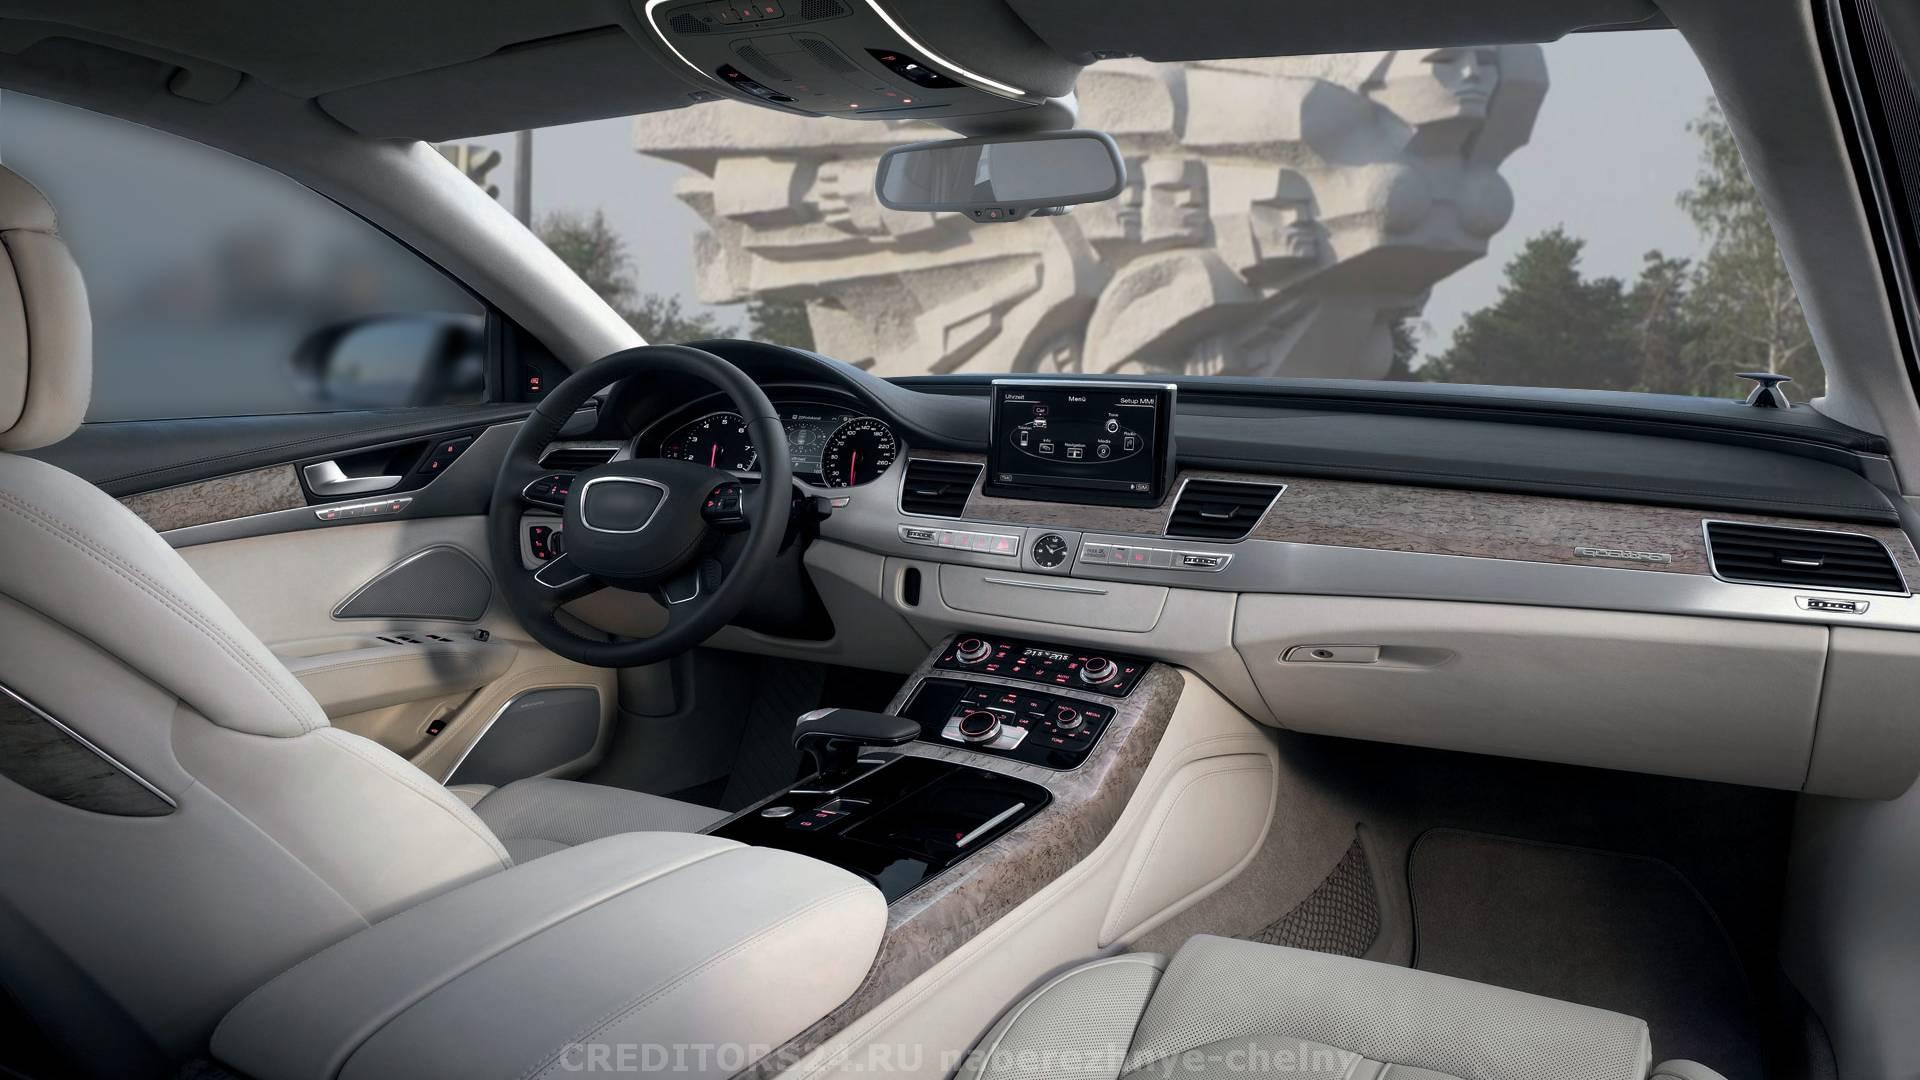 Займ под птс челны разместить рекламу на авто за деньги екатеринбург